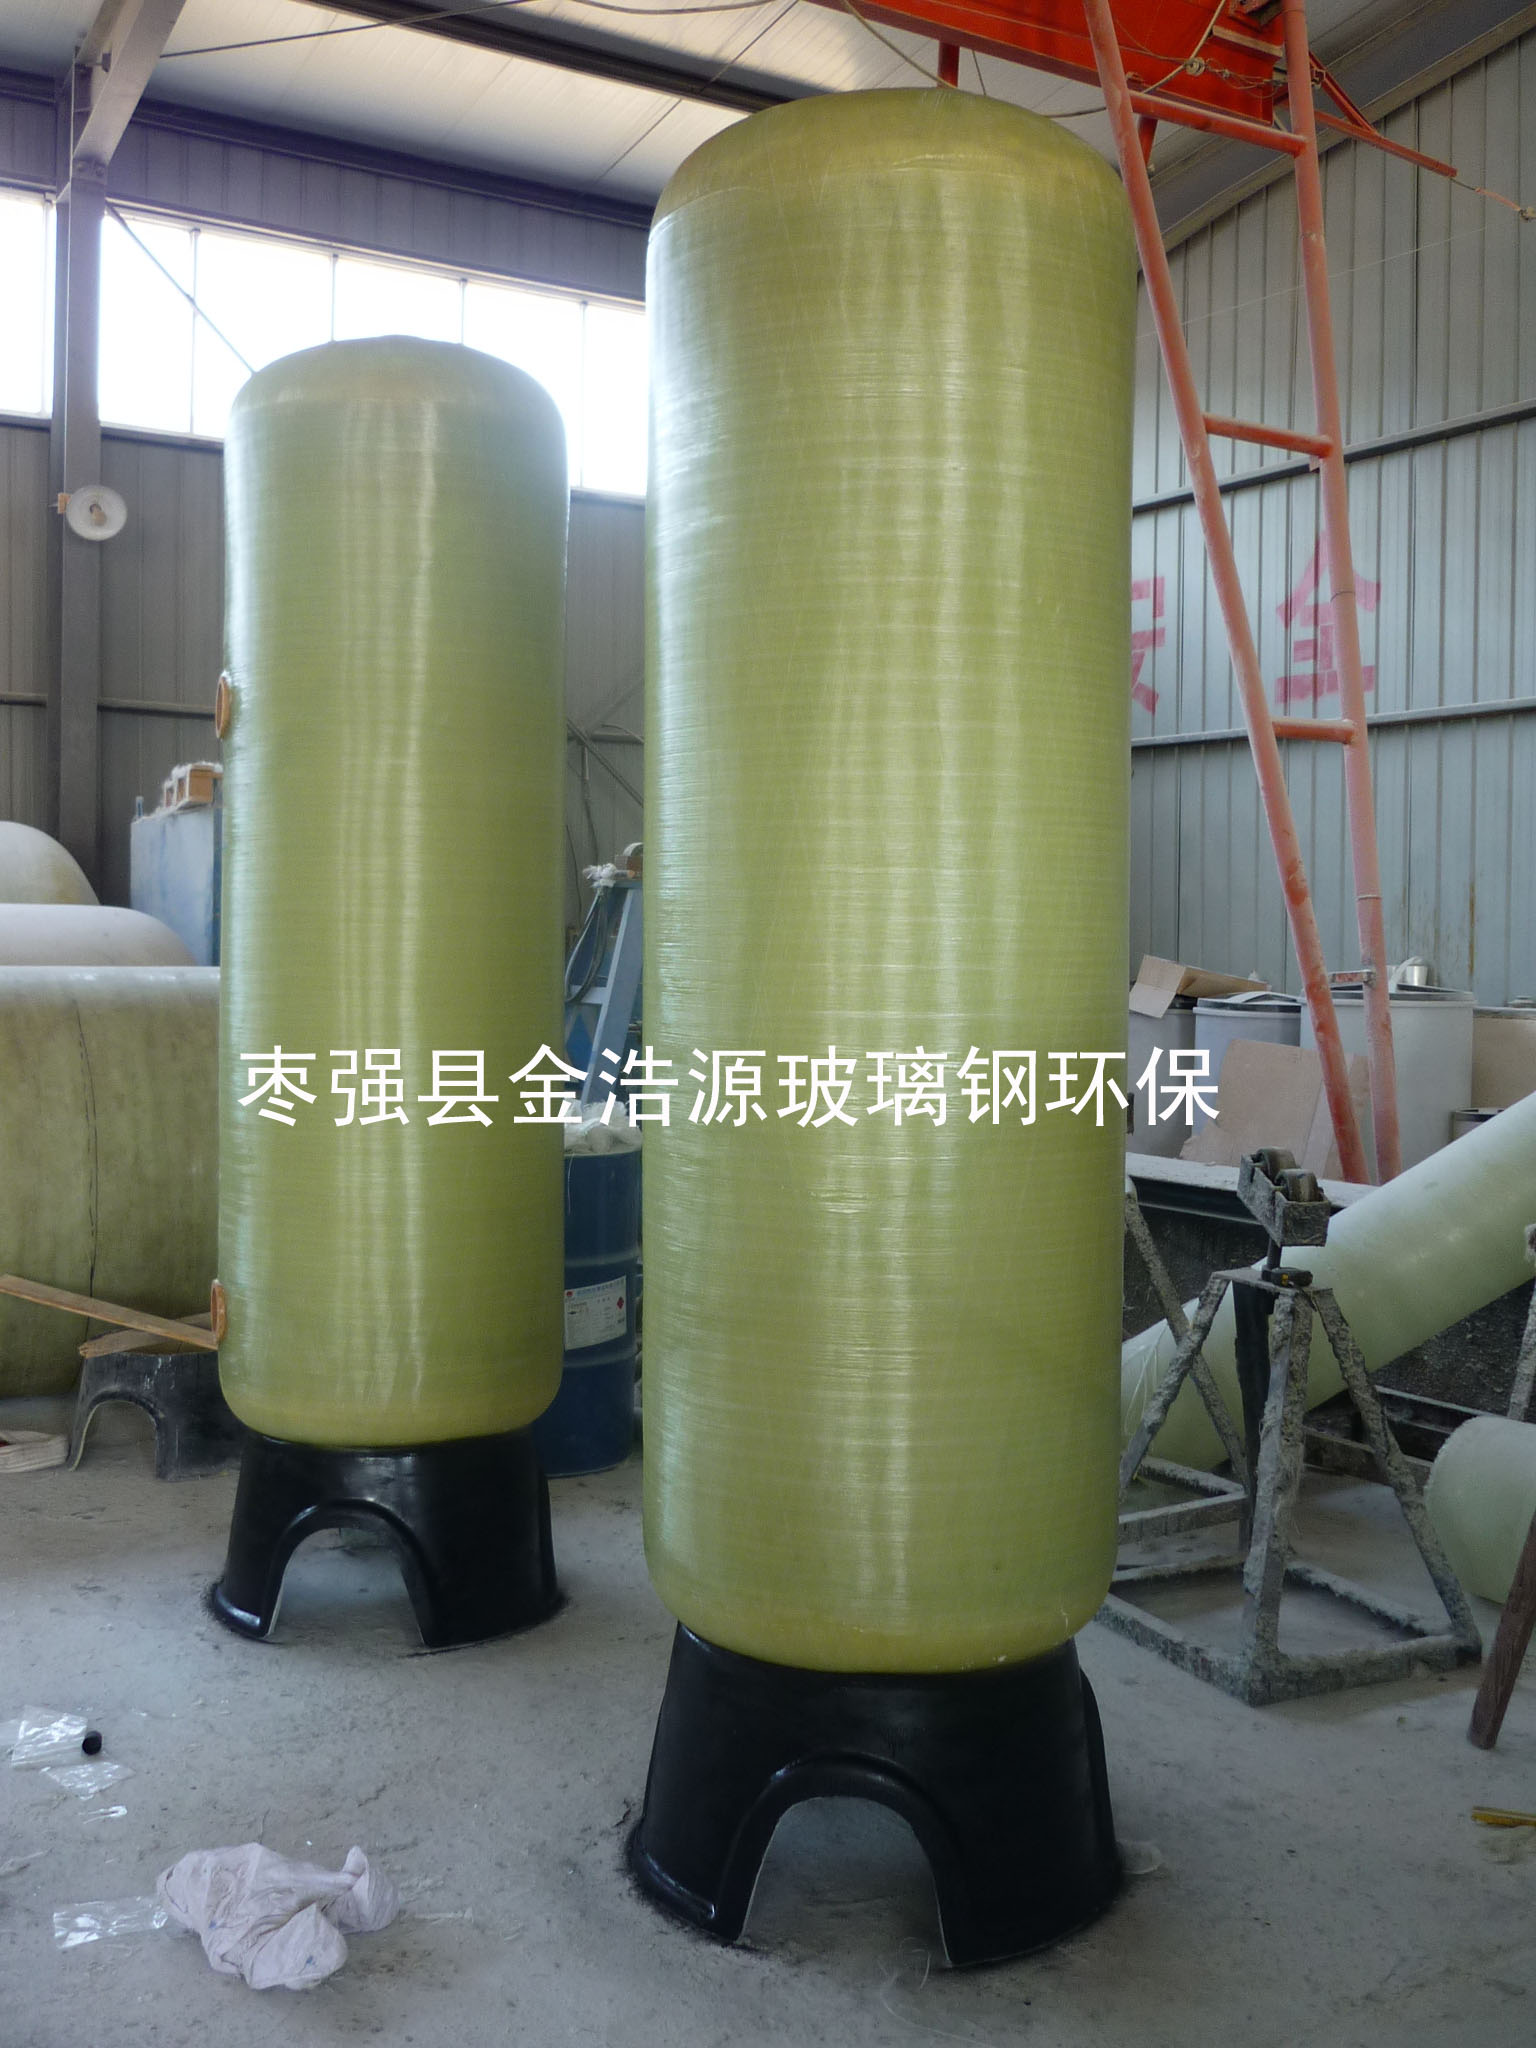 供应玻璃钢过滤罐树脂罐玻璃钢软水罐图片